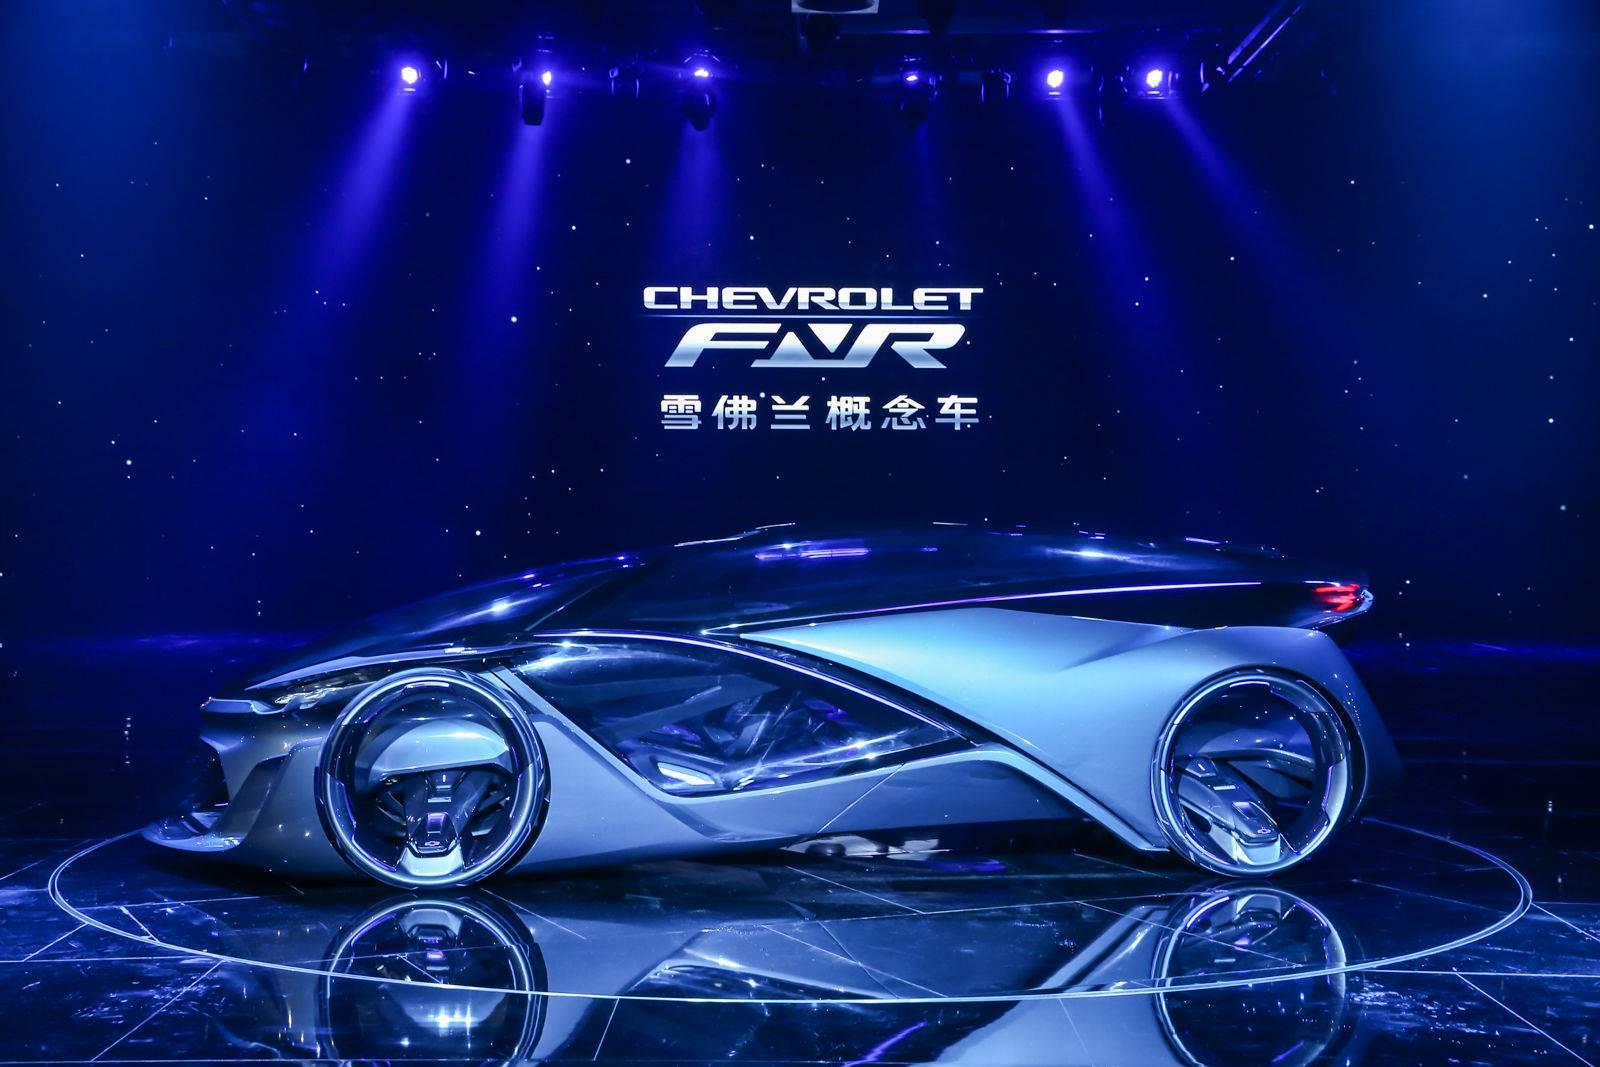 """由泛亚中心主导设计的雪佛兰概念车CHEVROLET-FNR在2015_上海通用汽车之夜""""全球首发.jpg"""